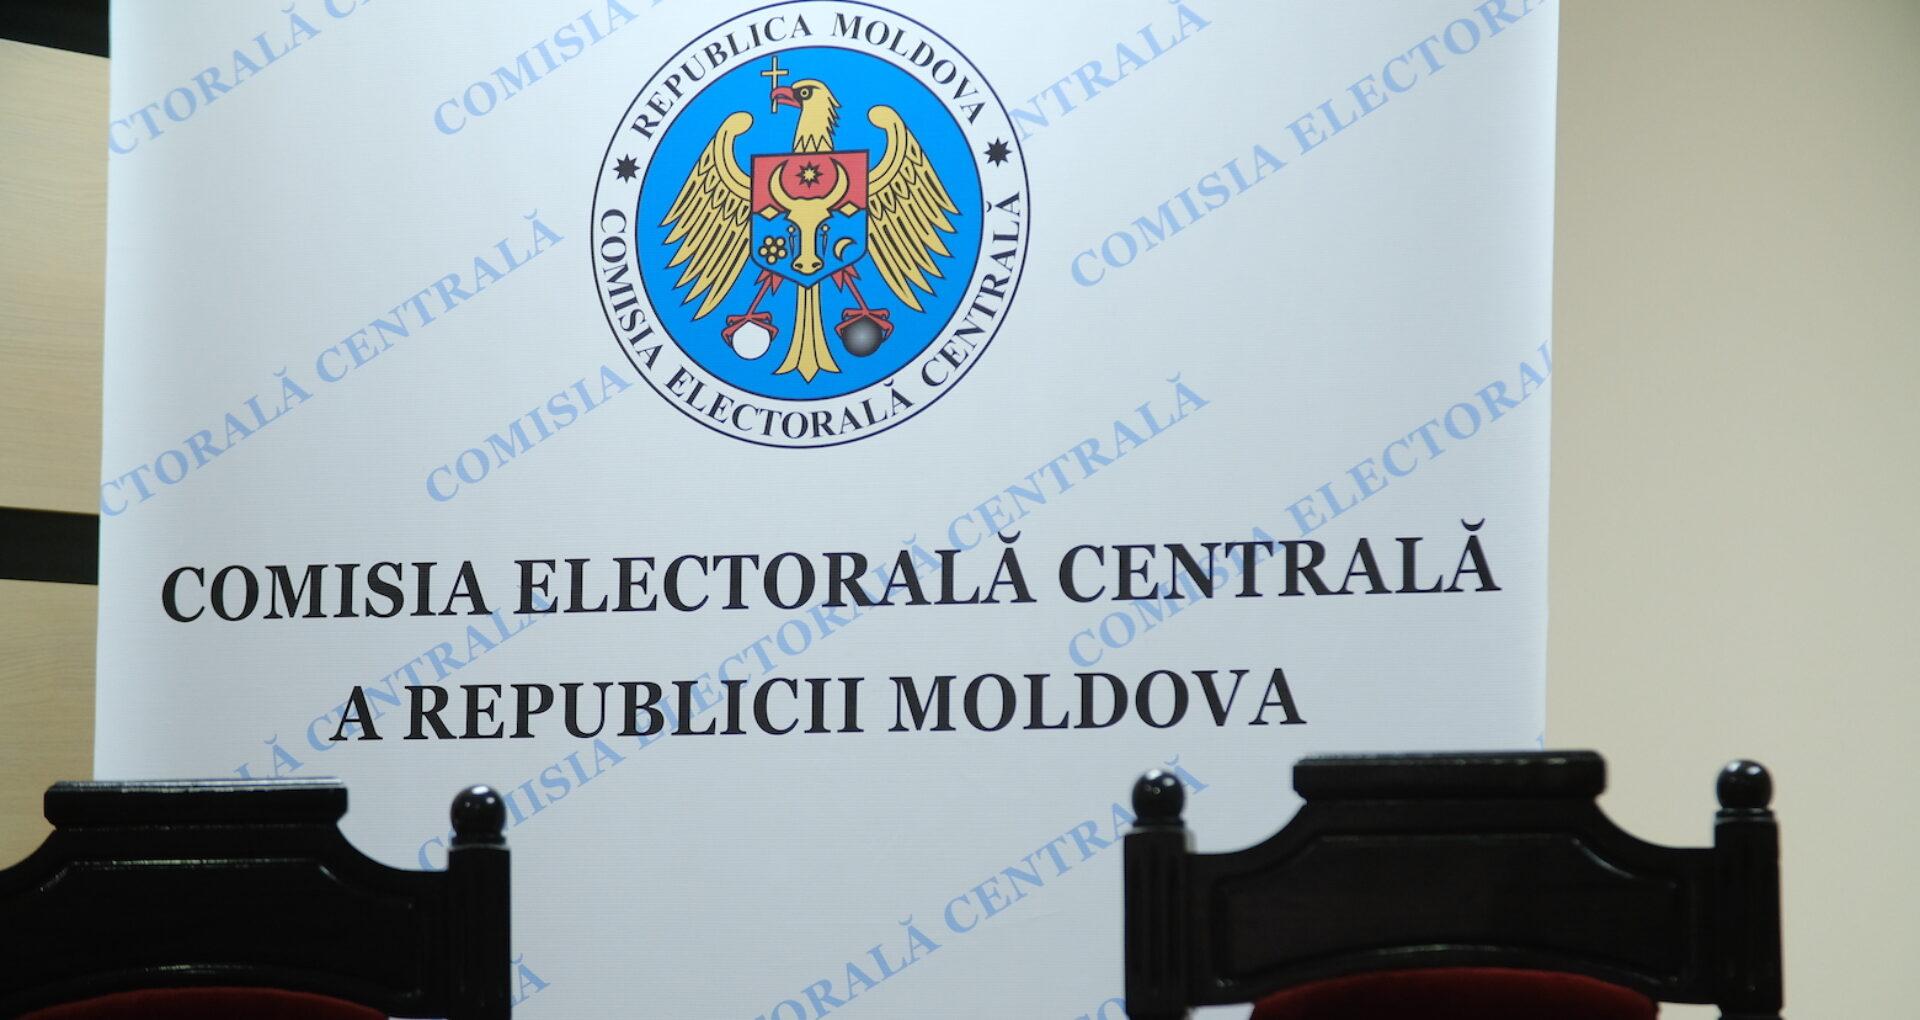 Campania electorală a intrat pe ultima sută de metri. Astăzi este ultima zi în care concurenții electorali la funcția de președinte mai pot face agitație